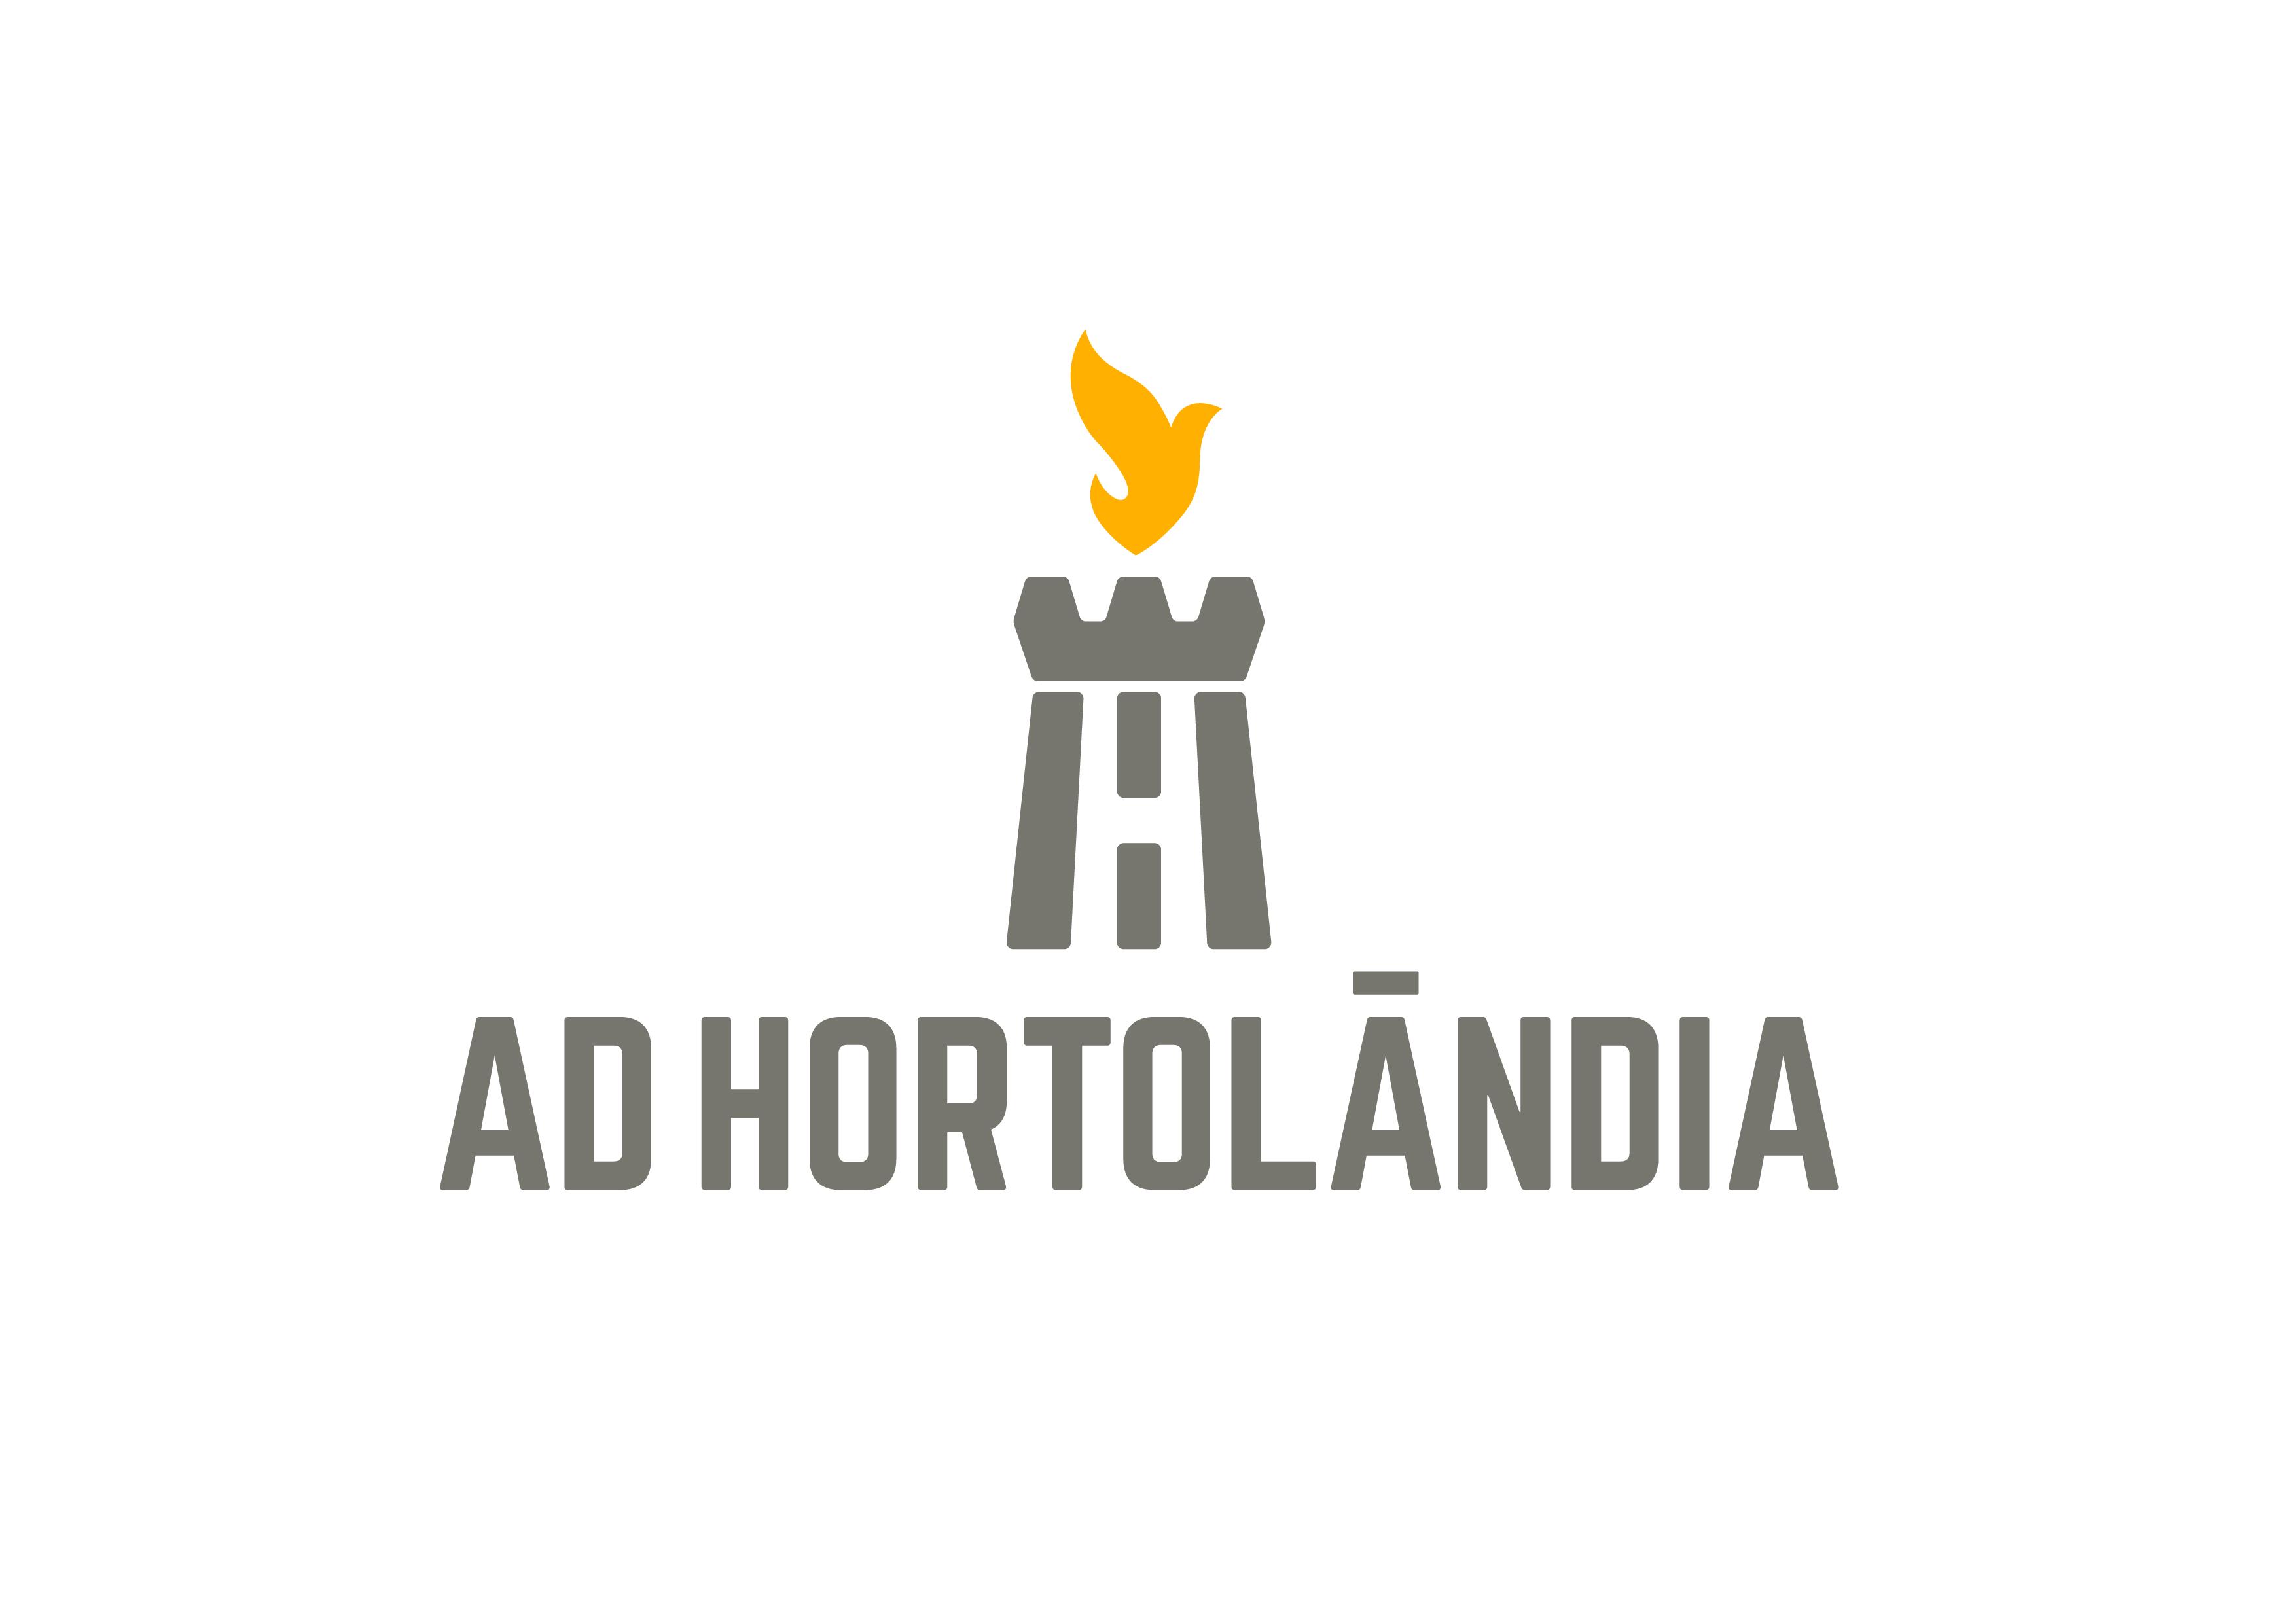 ADH_COR-01